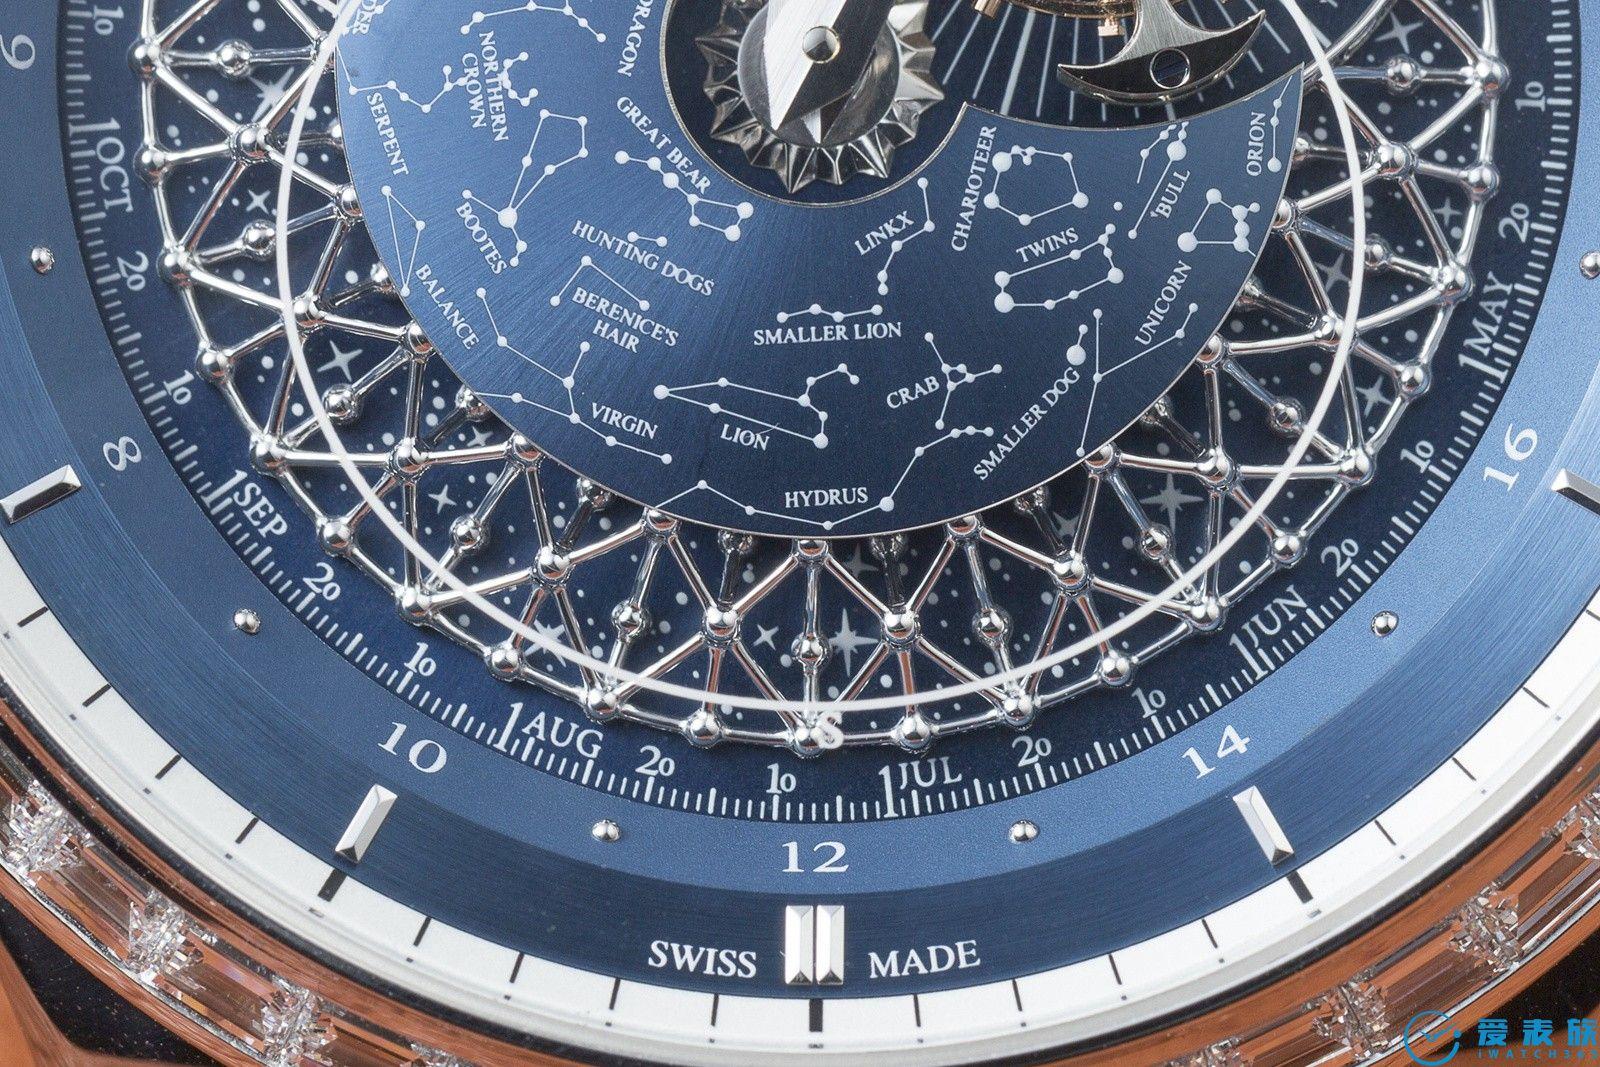 繁星与妙音的融合---积家超卓传统复杂功能大师系列腕表